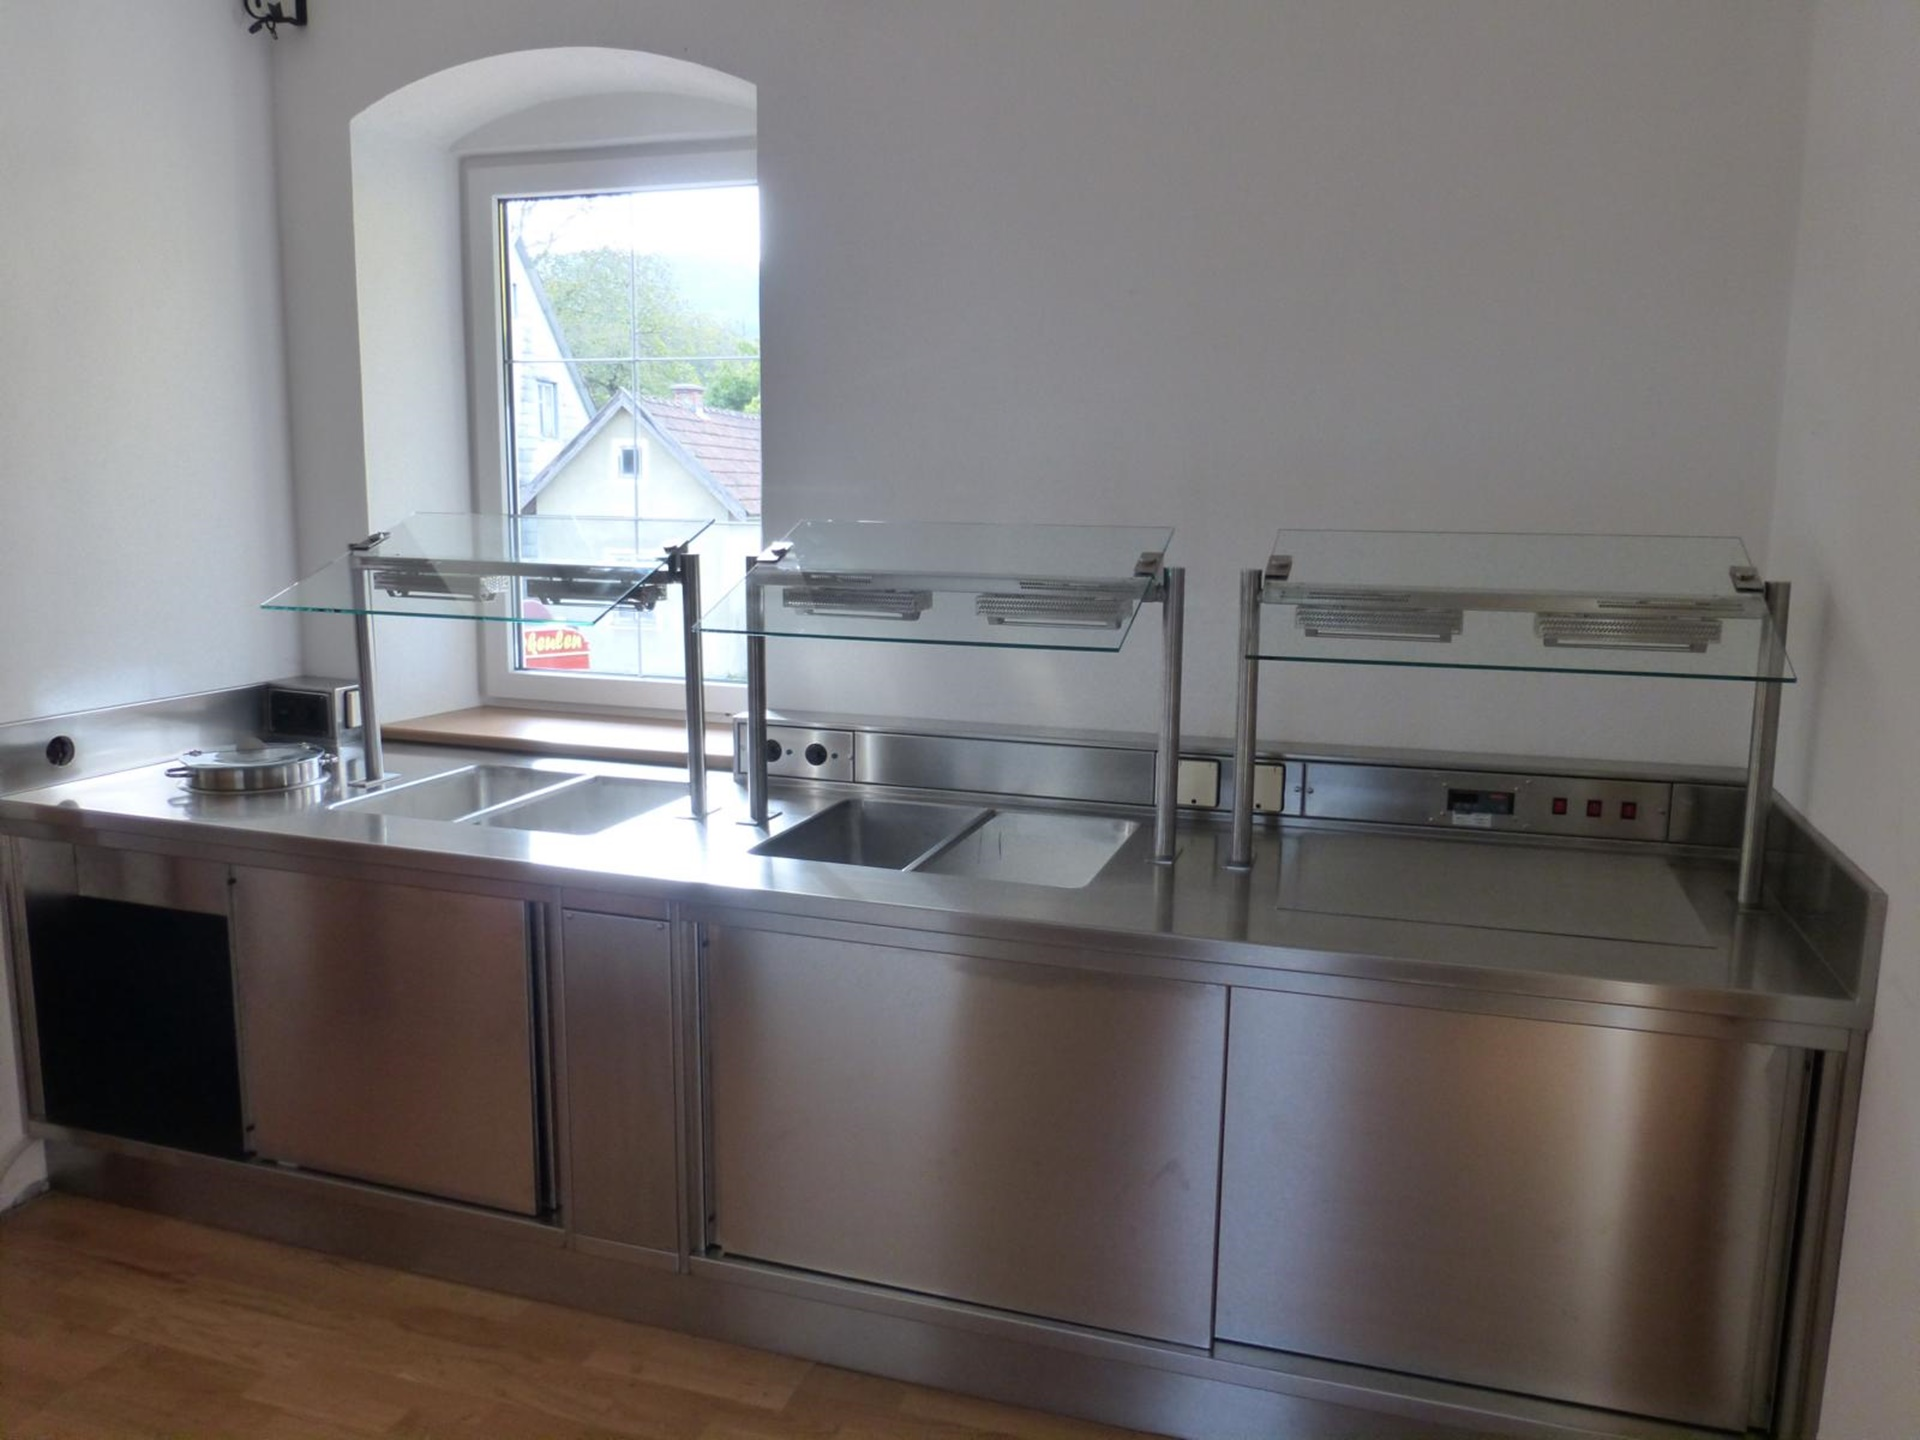 Full Size of Küchen Regal Edelstahlküche Gebraucht Outdoor Küche Edelstahl Garten Wohnzimmer Edelstahl Küchen